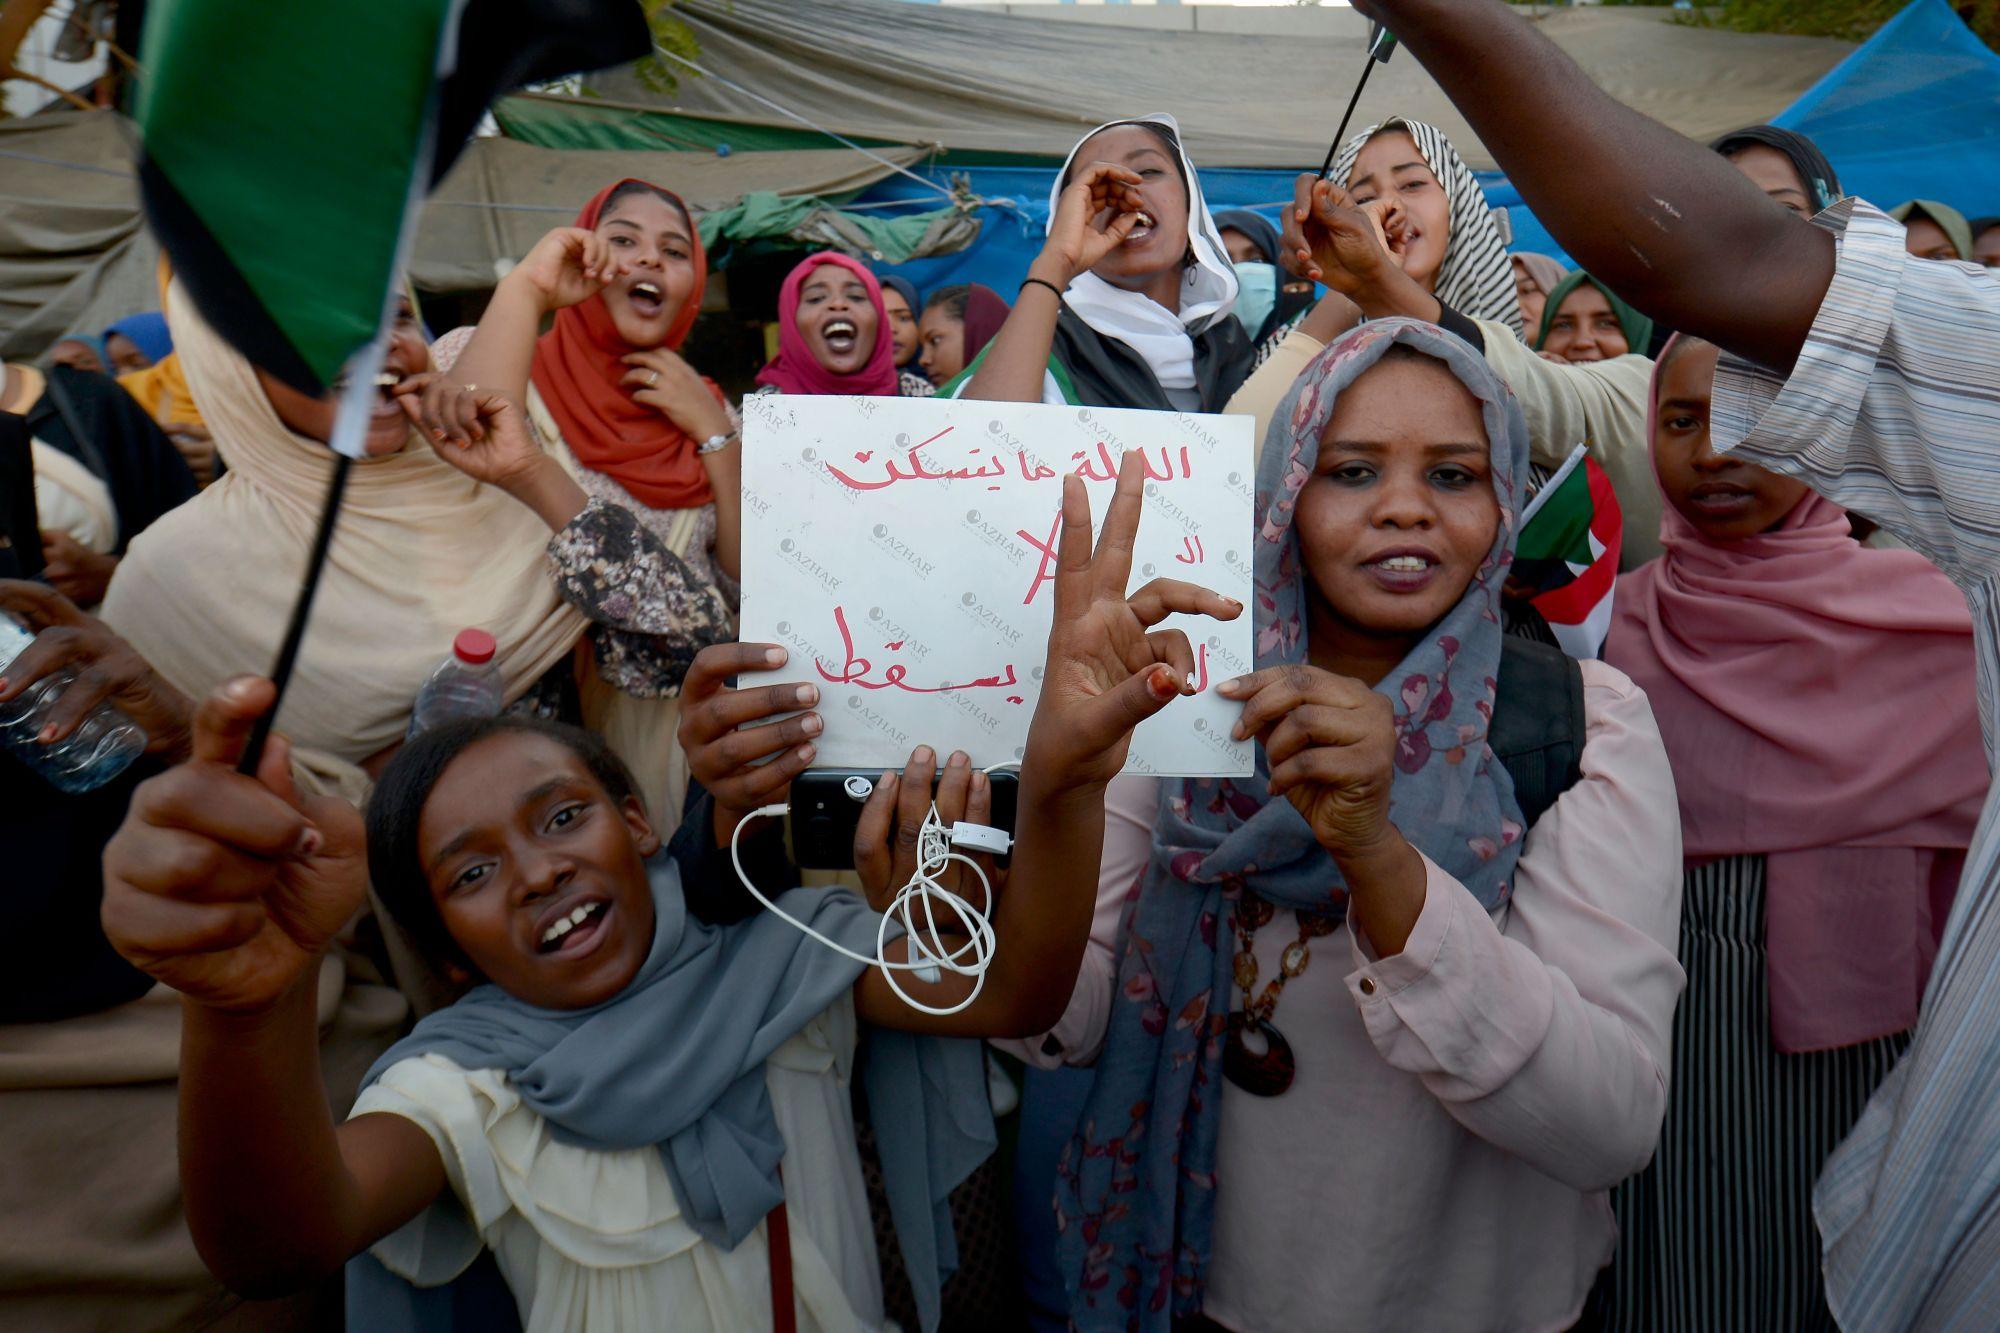 La Grande Vittoria Delle Donne Sudanesi E I Passi Avanti Da Compiere Per I Diritti Umani